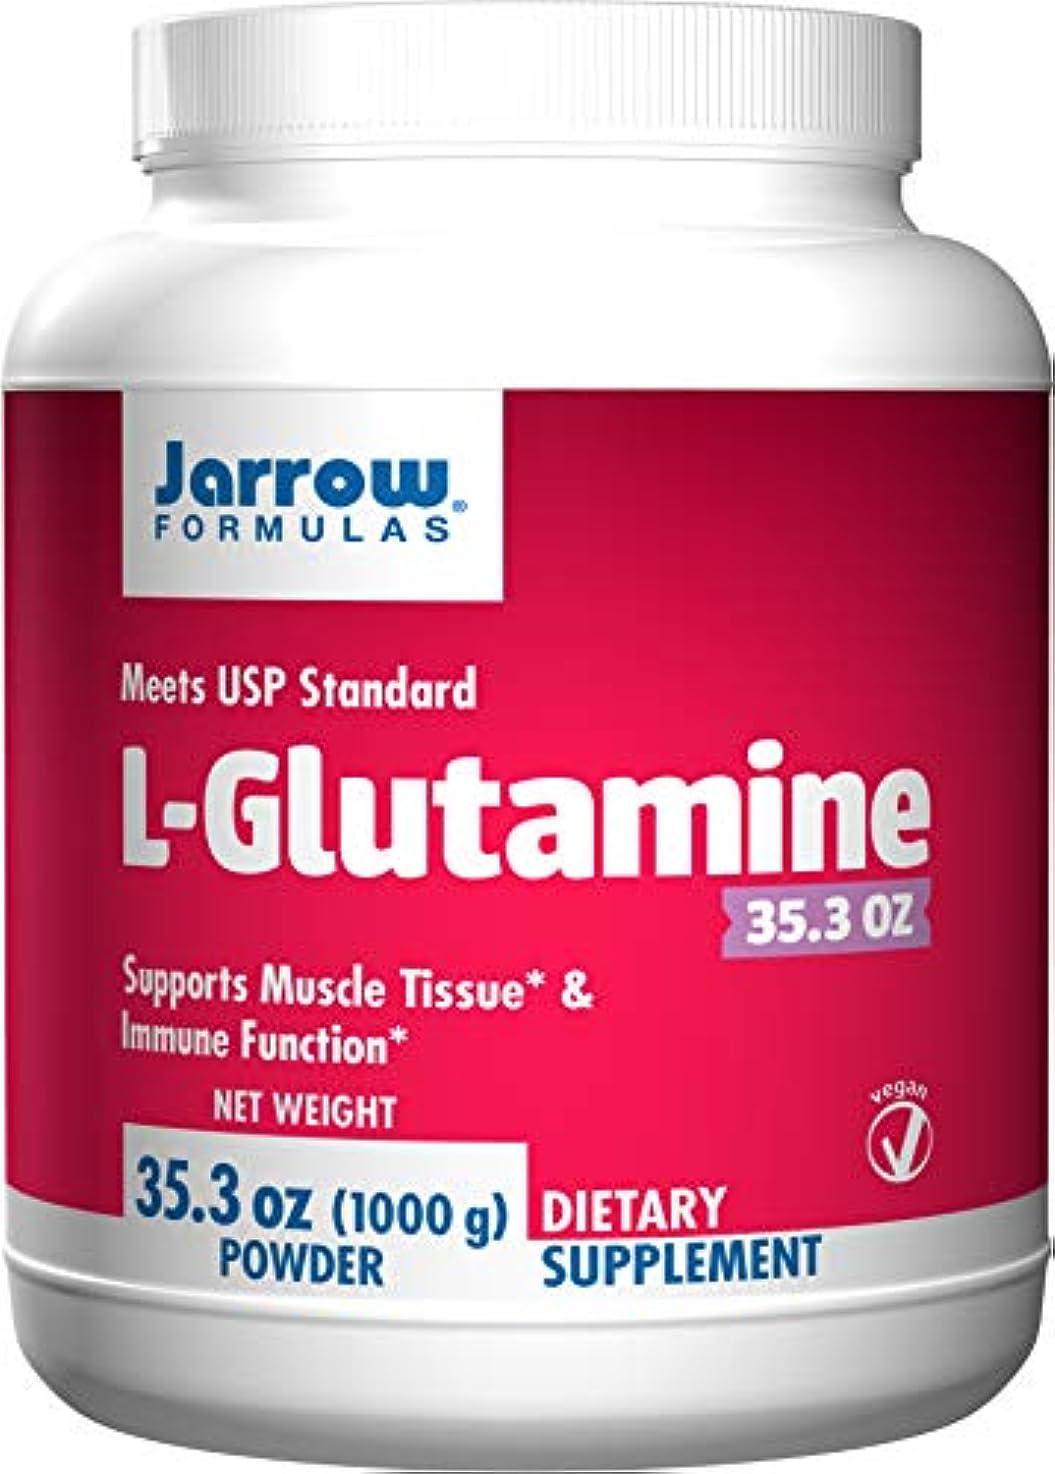 肥料あいまいさアクセントL-グルタミン?パウダー 1000g 海外直送品